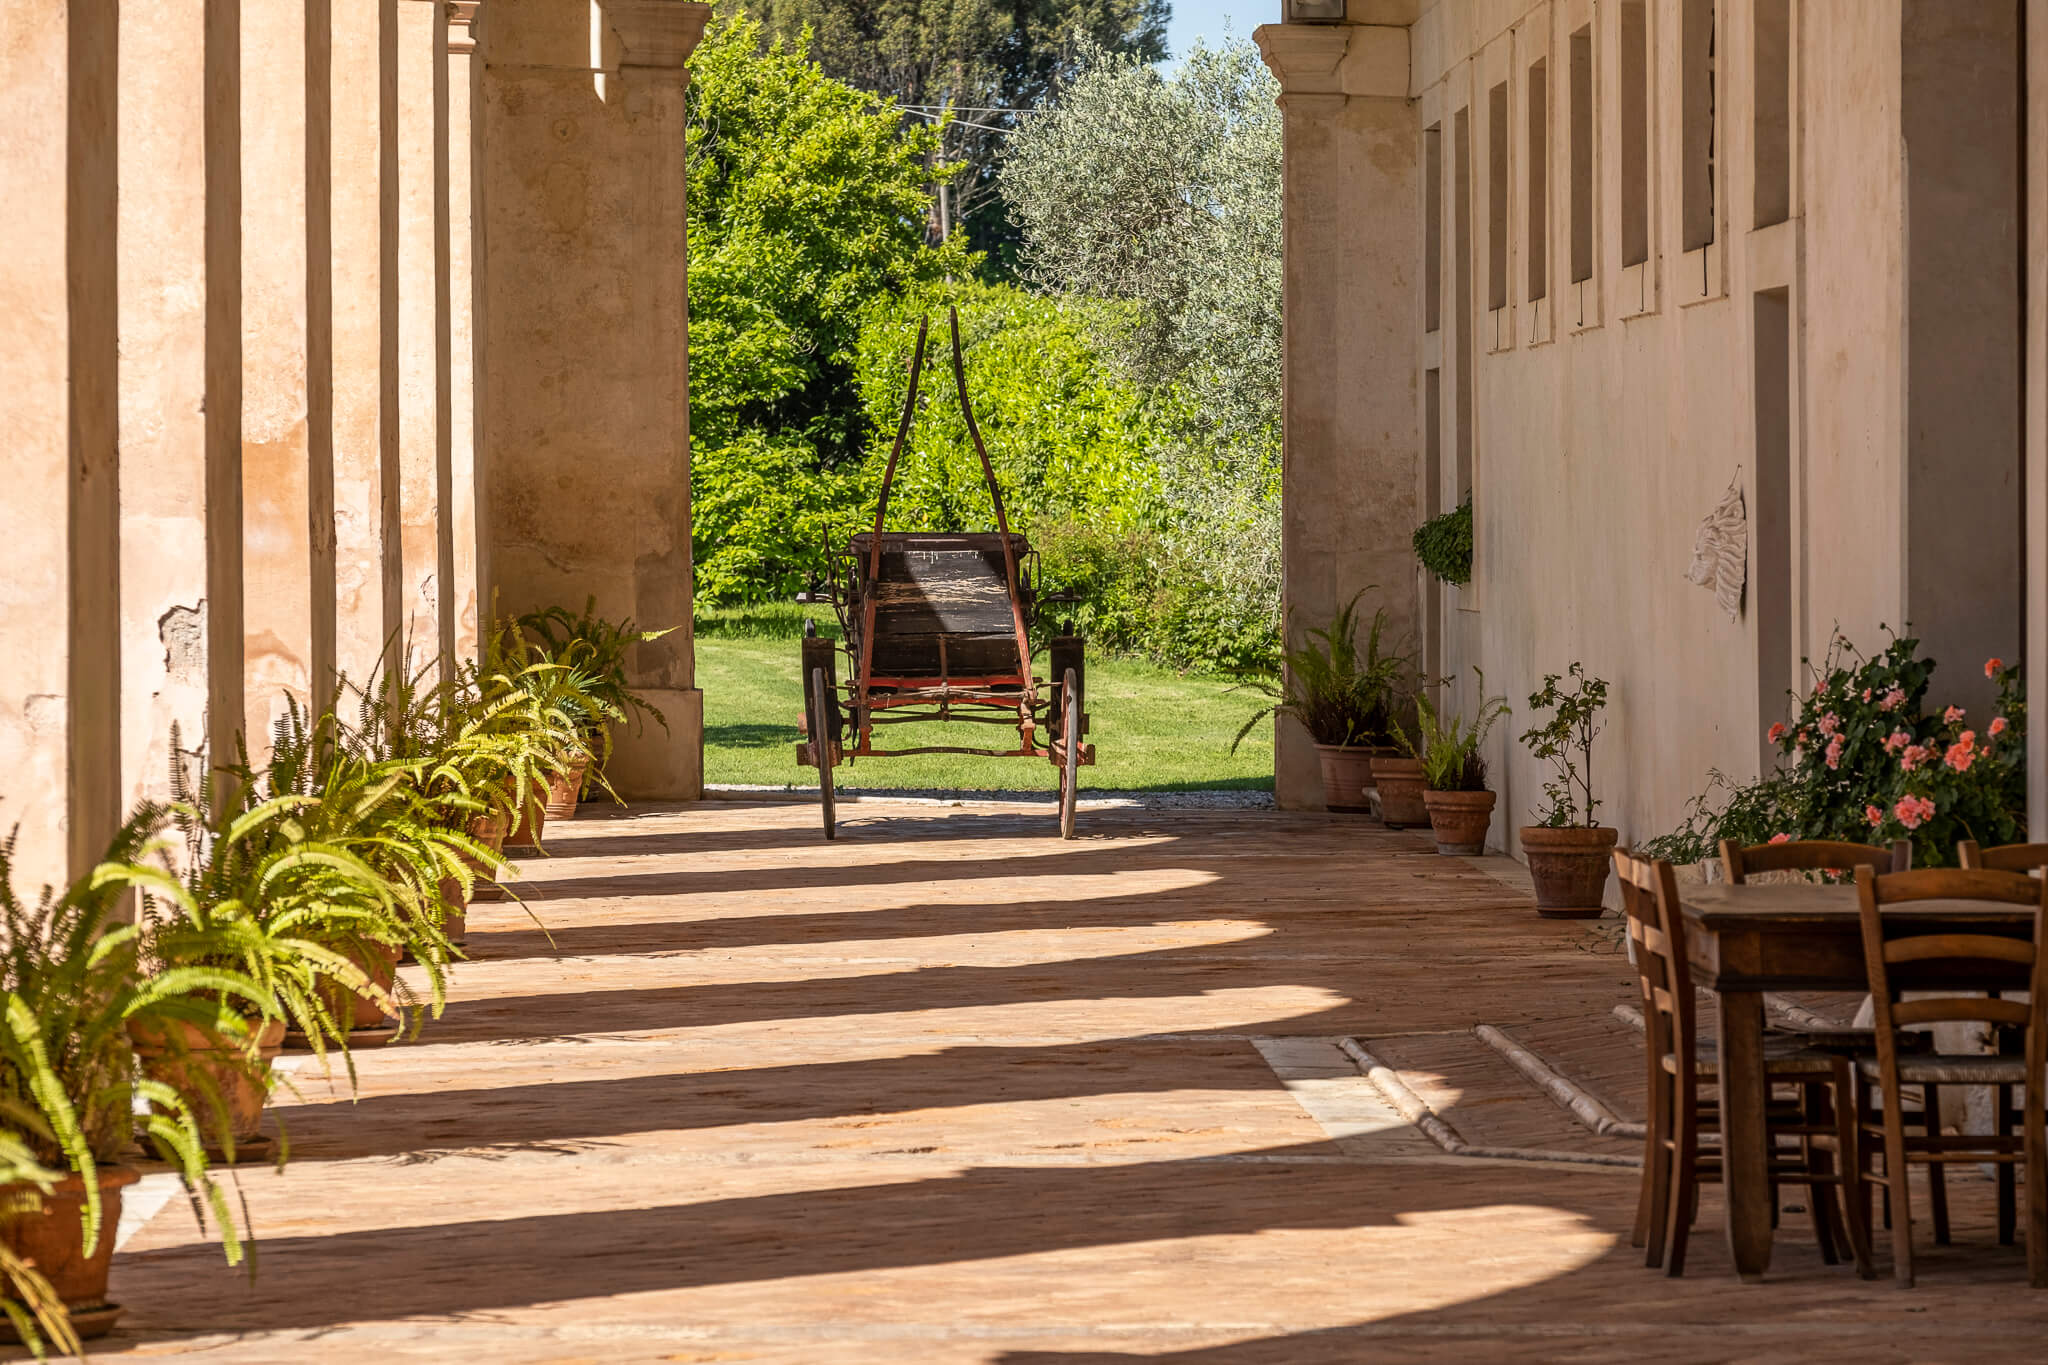 Dal portico della Barchessa Loredan sono accessibili la cantina, la barricaia, il negozio e il giardino.